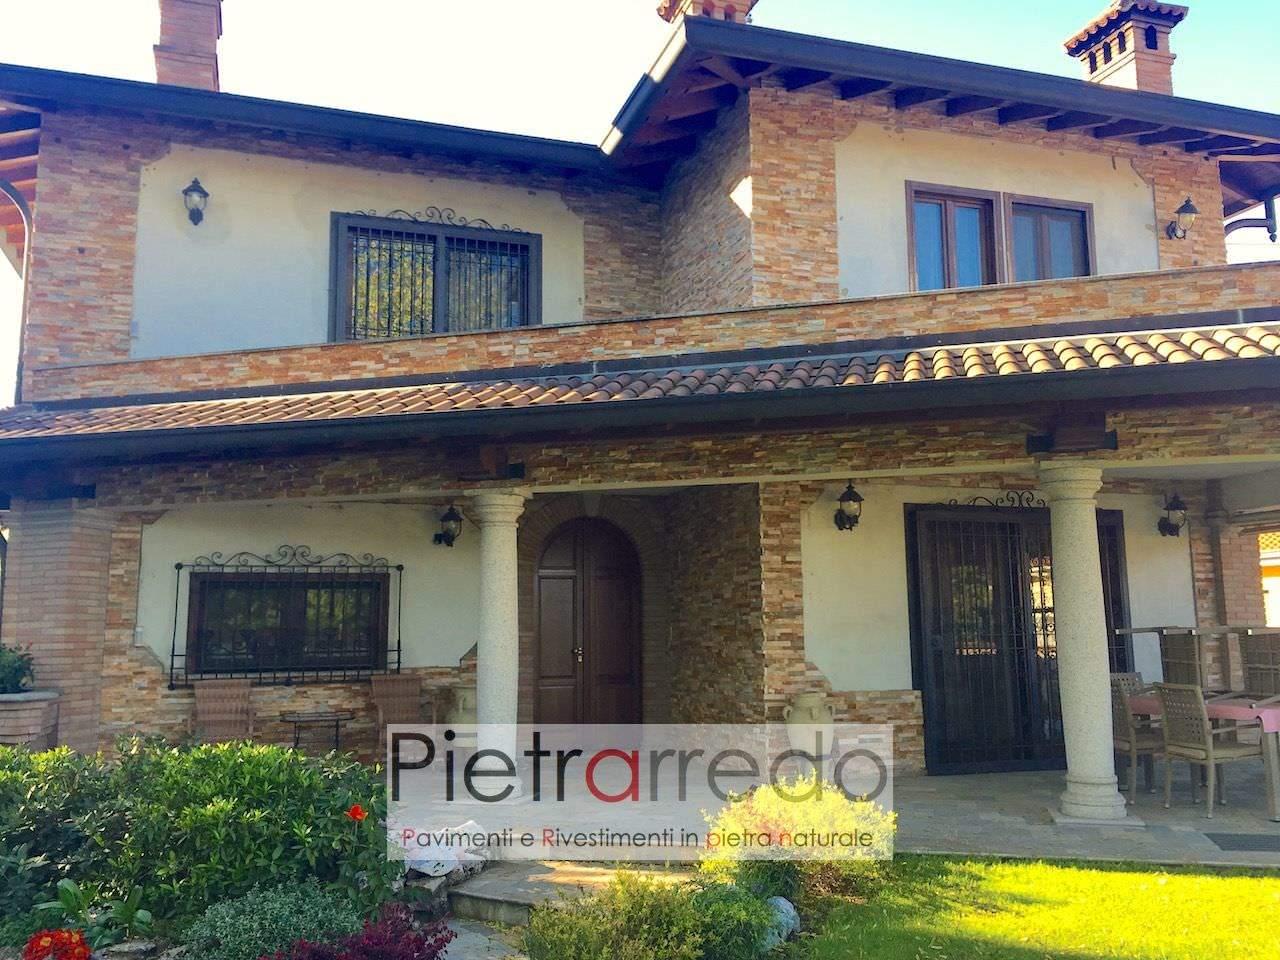 Rivestimento pietra quarzite rossa 50 in offerta 63 90 mq - Costo ristrutturazione casa milano ...